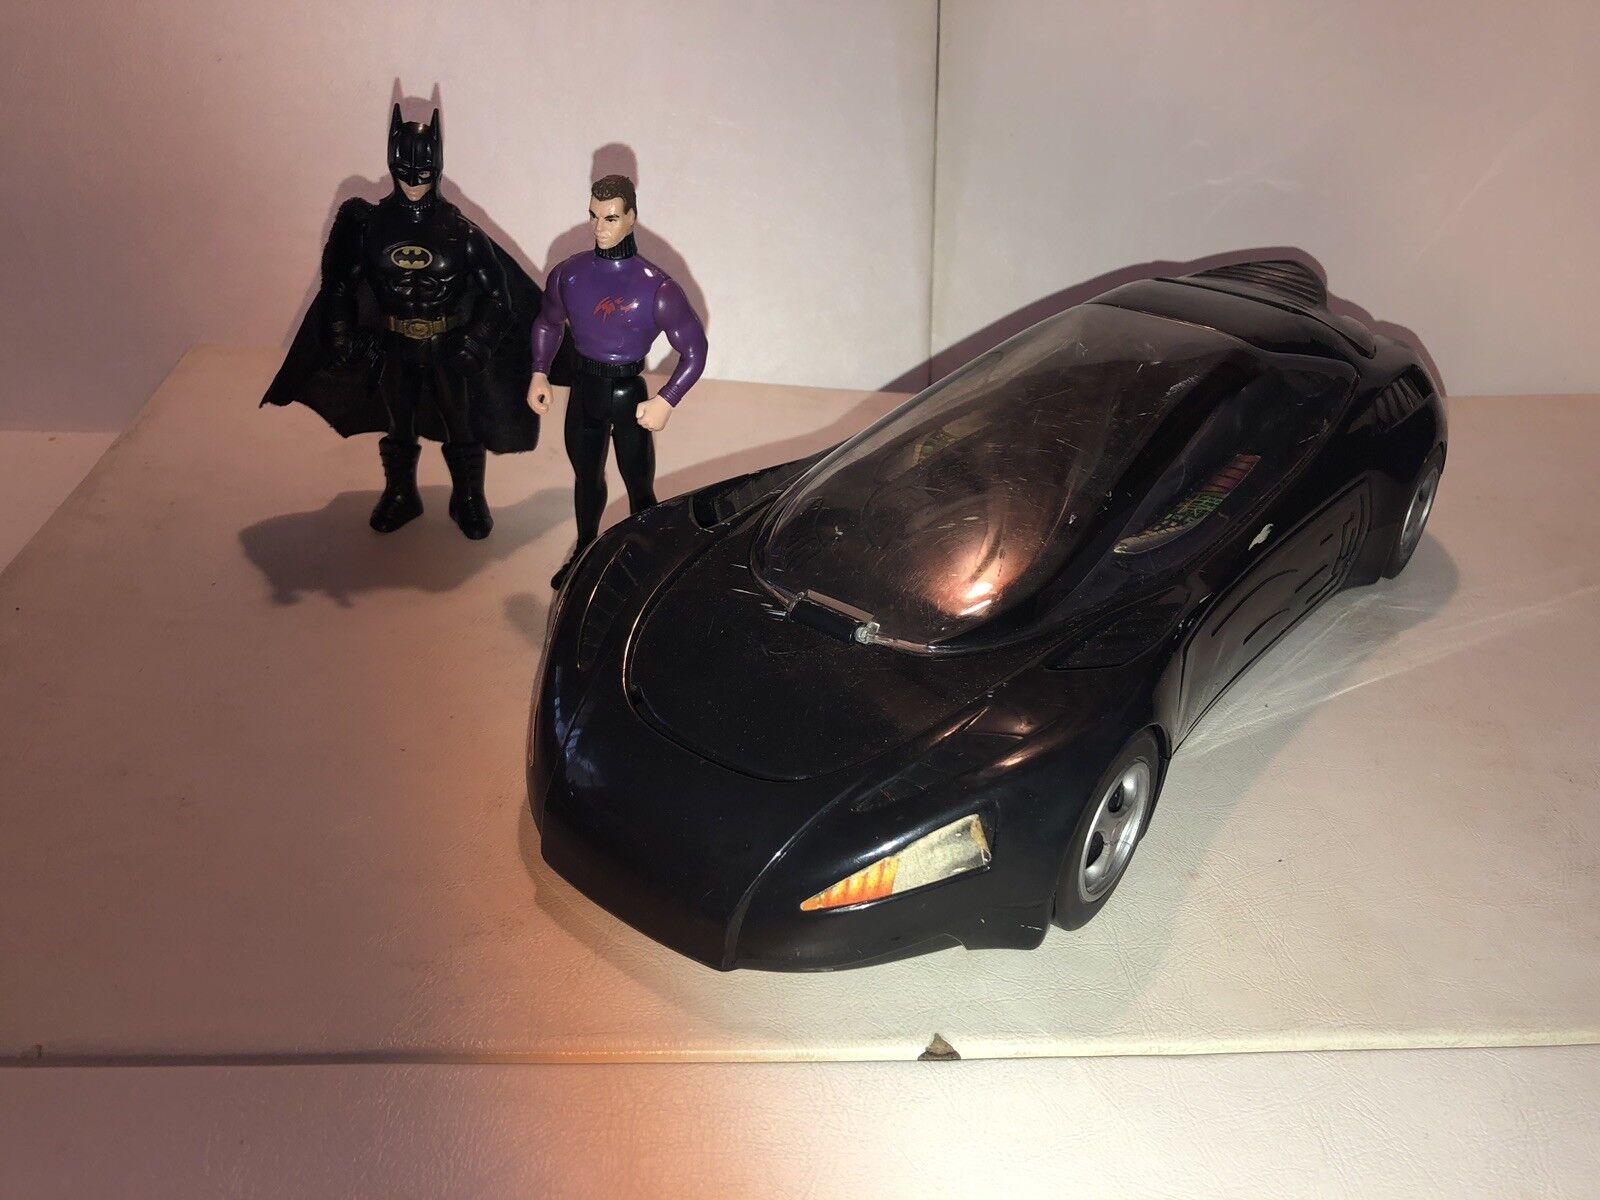 1992 Batman Sports Car + 2 Action Figures